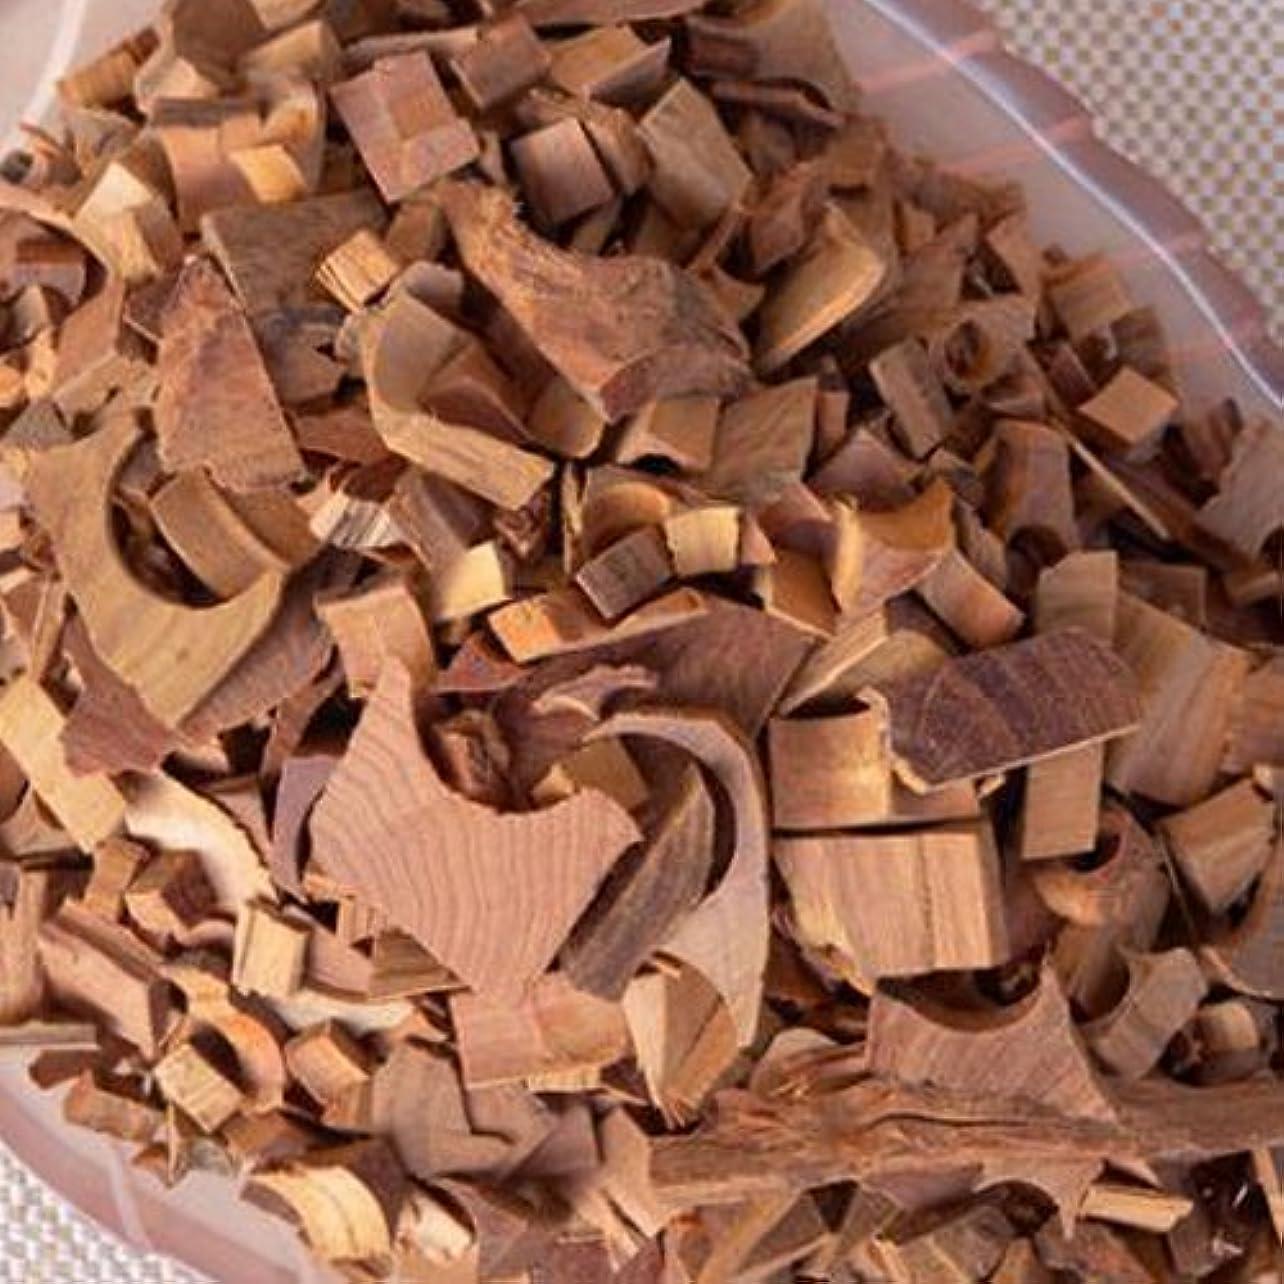 説得奇跡的なリラックスしたNatural India Mysore Laoshan Sandalwood Chips aromatic Sandal Wood Chips Scent Rich For Aromatherapy Aroma Rich...